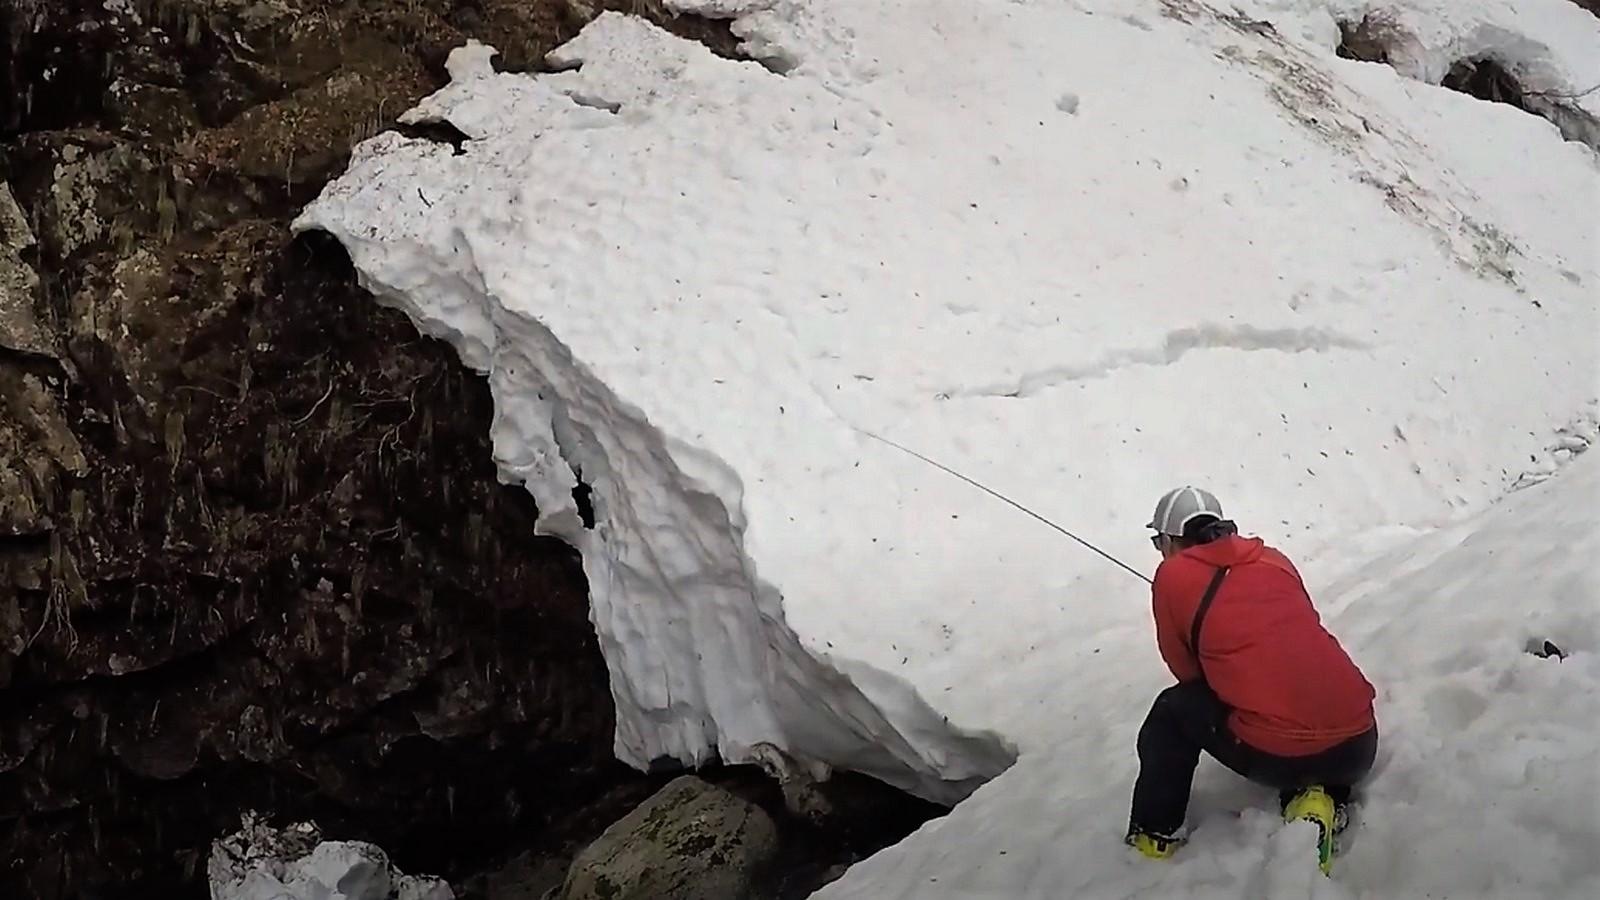 Satsuki-Tanaka-March-Backcountry-Skiing-Tenkara-Tenkara-Angler